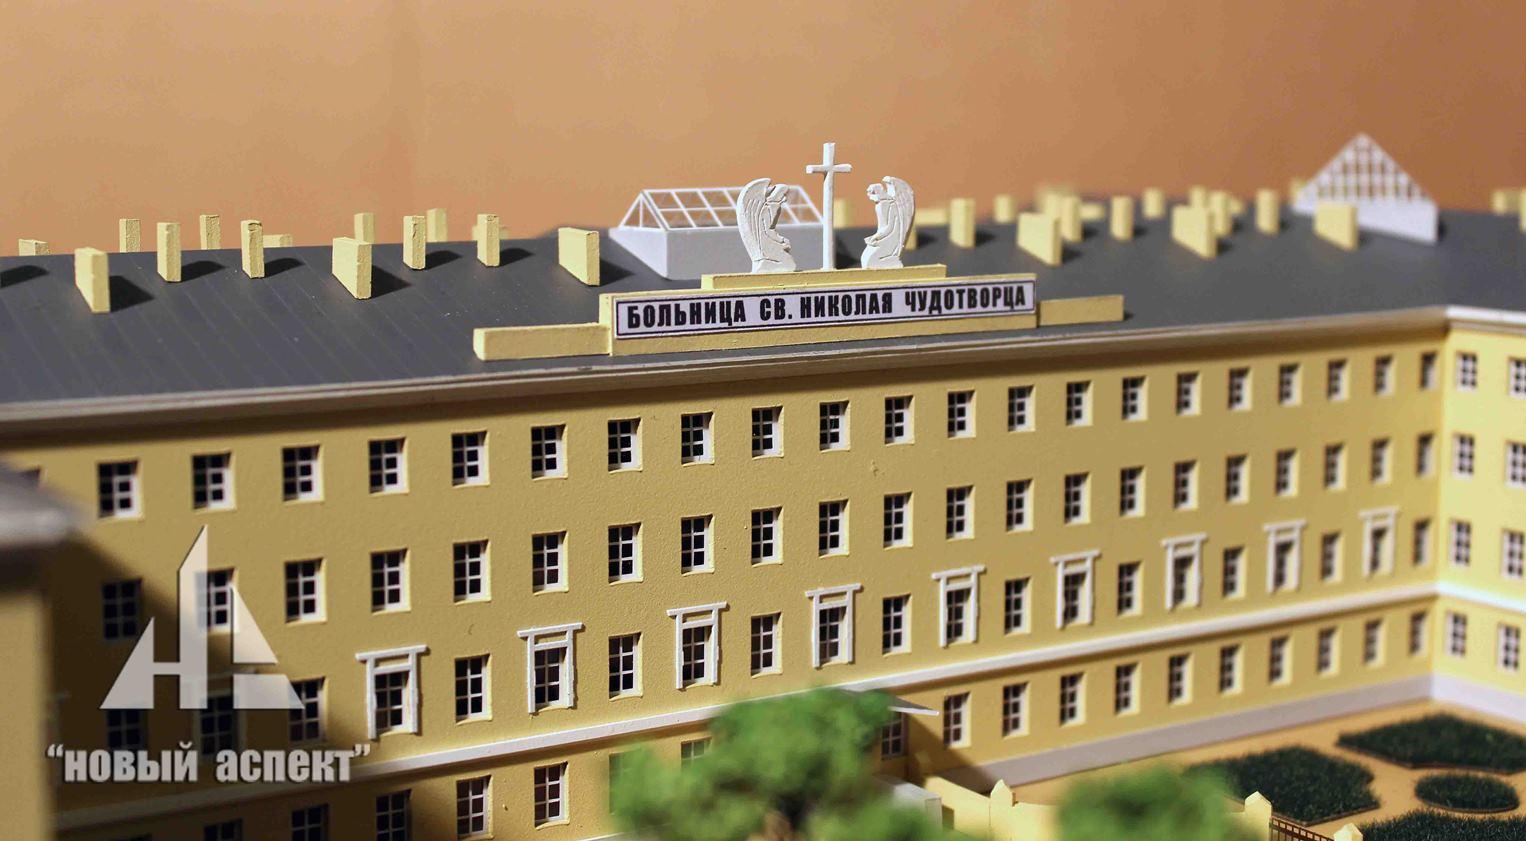 Больница Св. Николая Чудотворца в Санкт-Петербурге